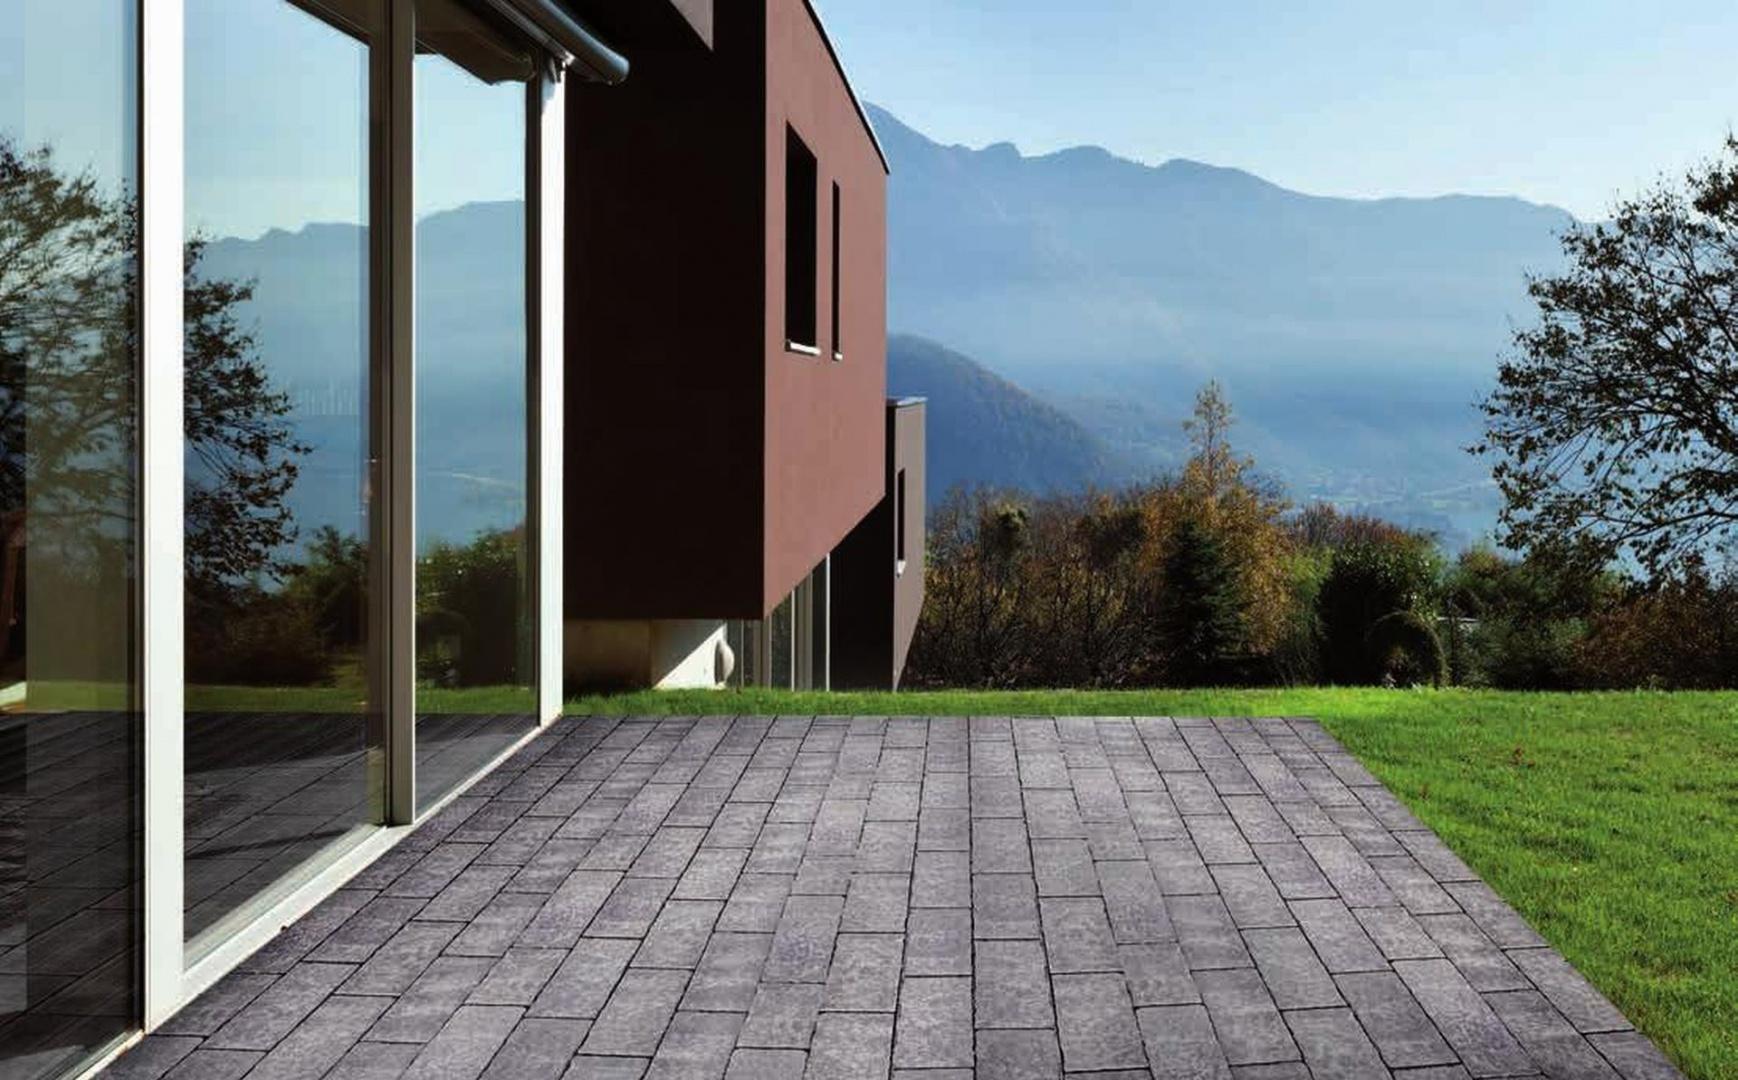 Kostka Atrio dobrze komponują się z drewnem i cegłą, dobrze sprawdzą się na podjazdach, tarasach i ścieżkach ogrodowych. Fot. Libet.